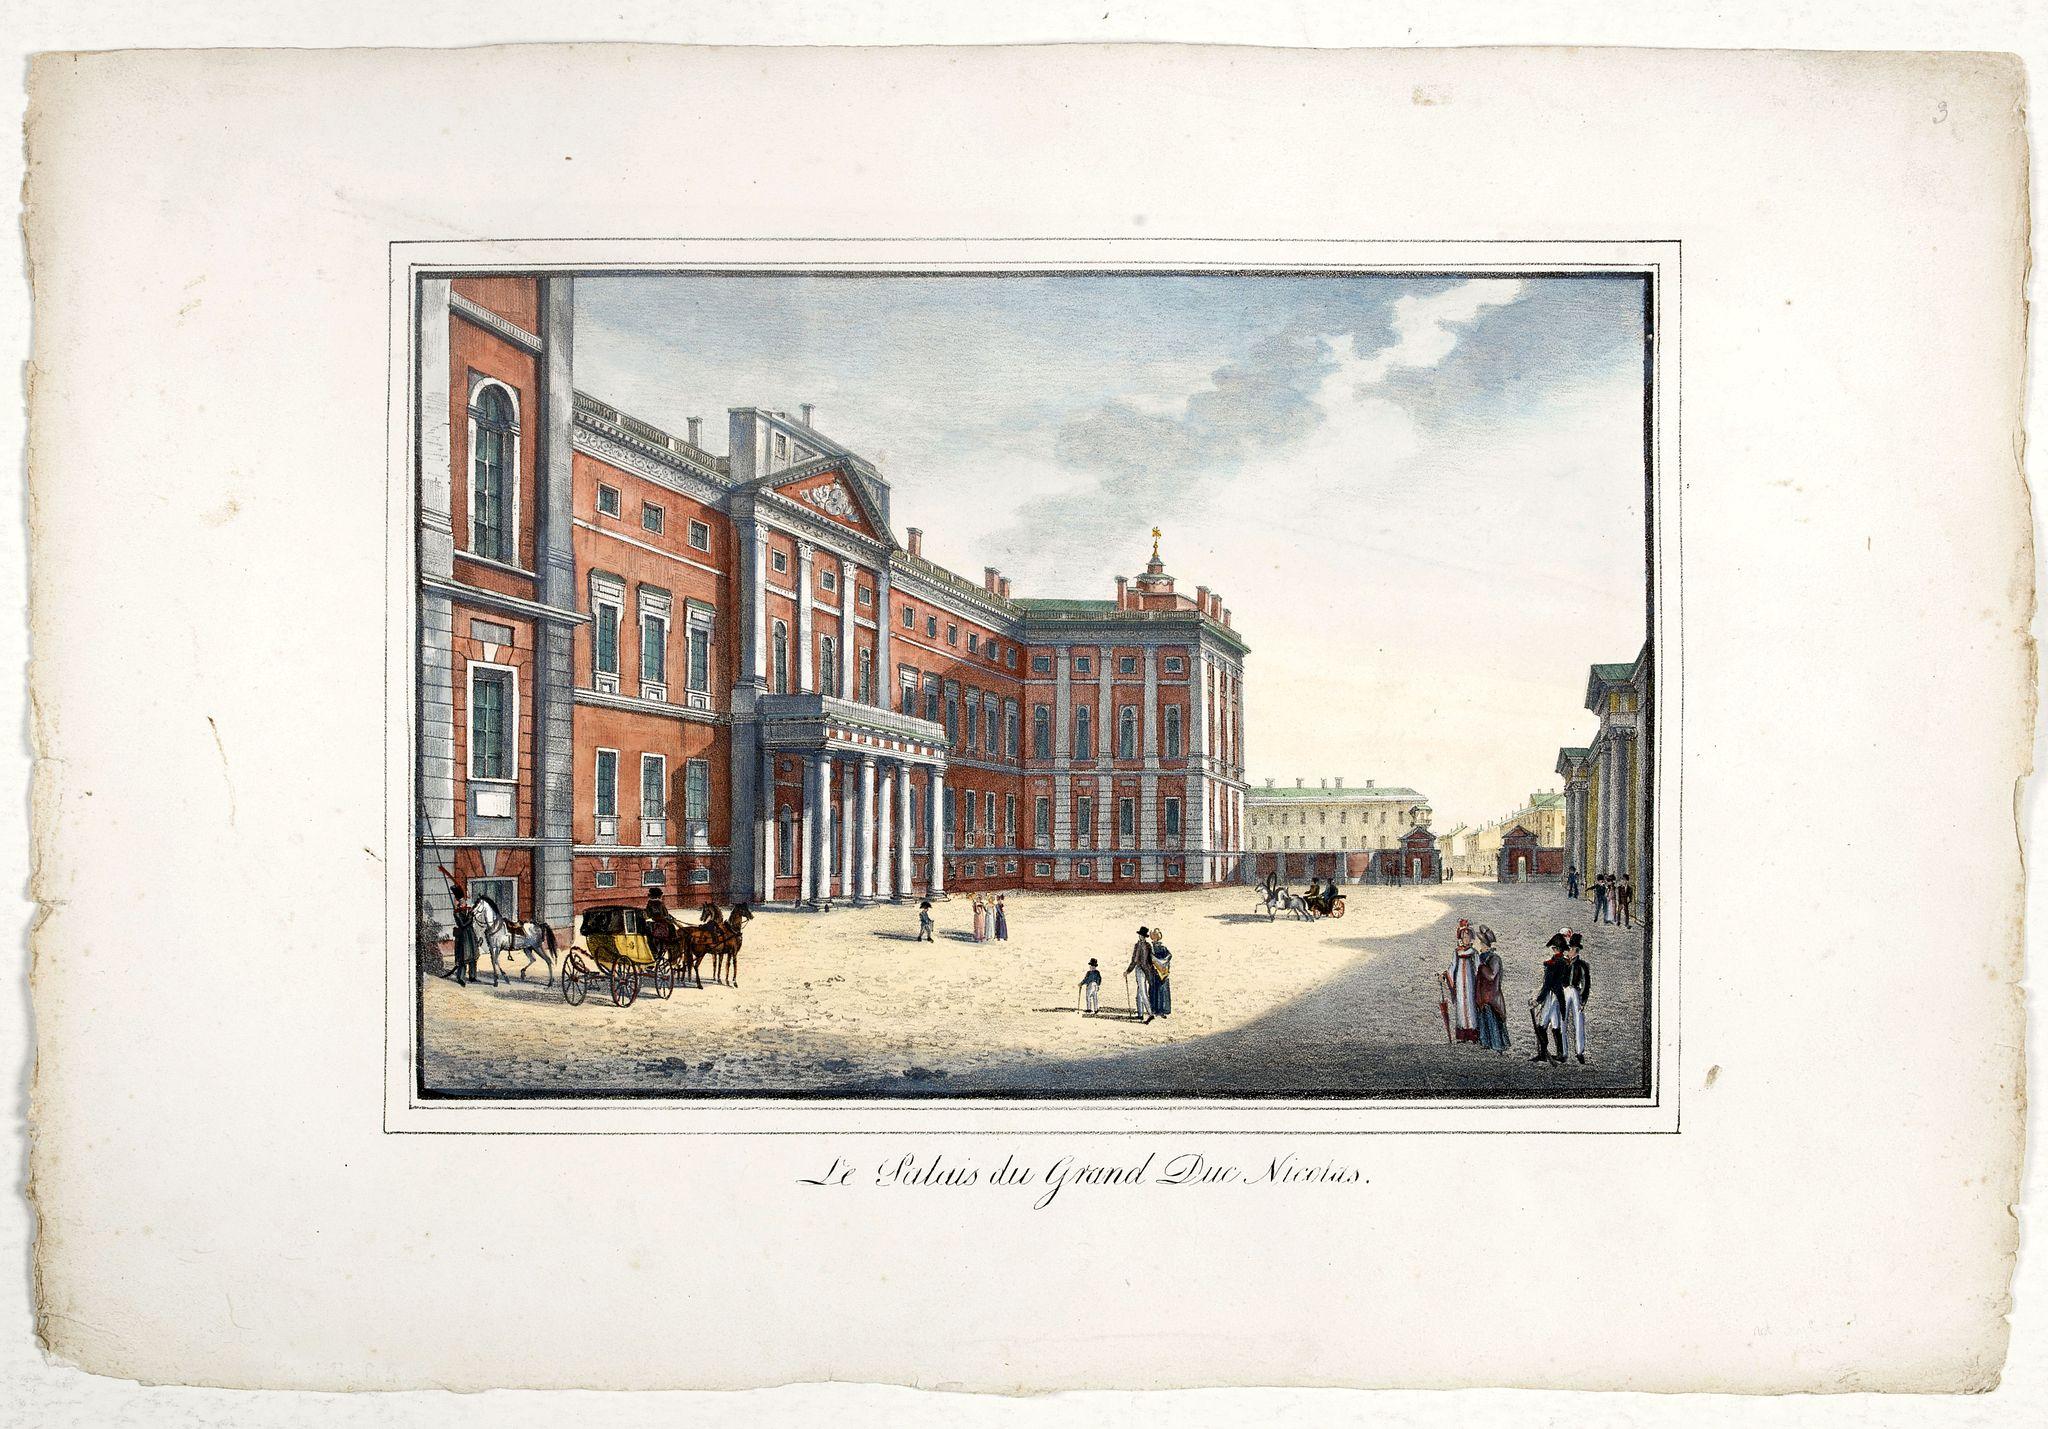 PLUCHART, A. -  Le palais du Grand Duc Nicolas.